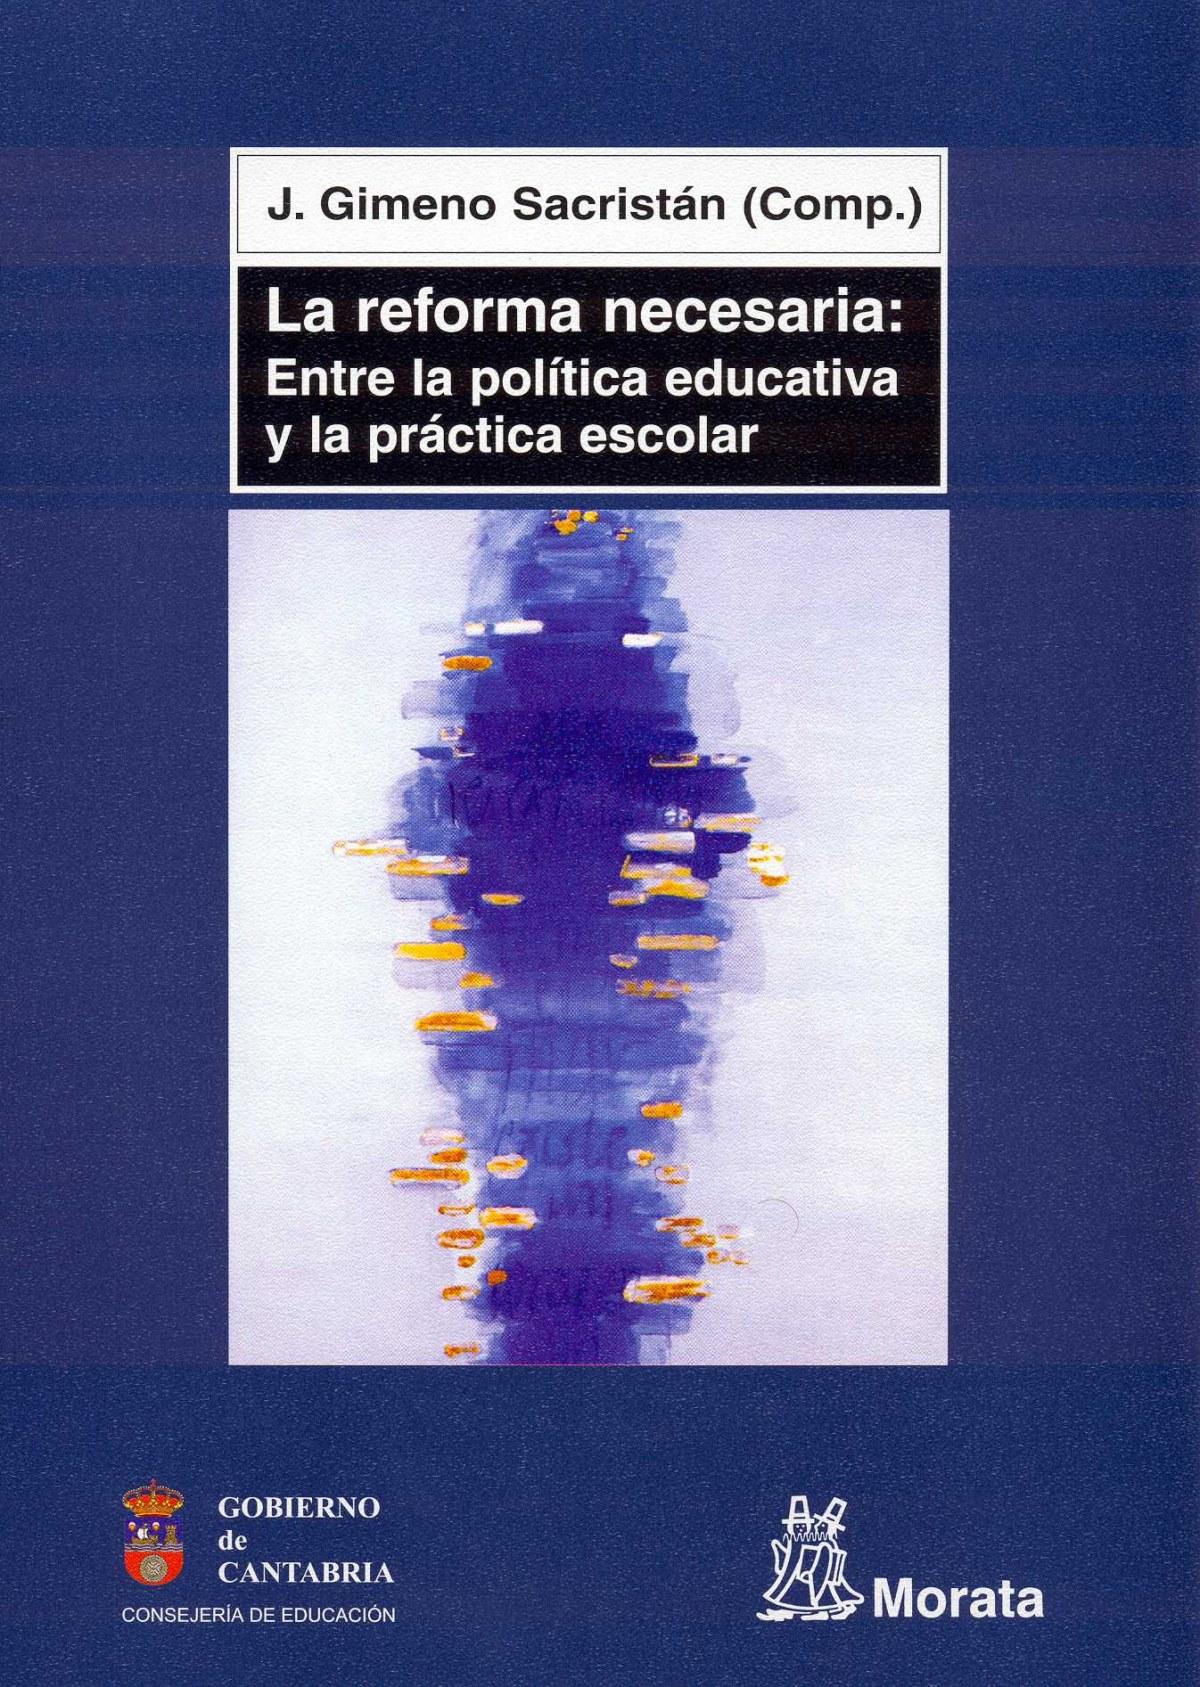 La reforma necesaria